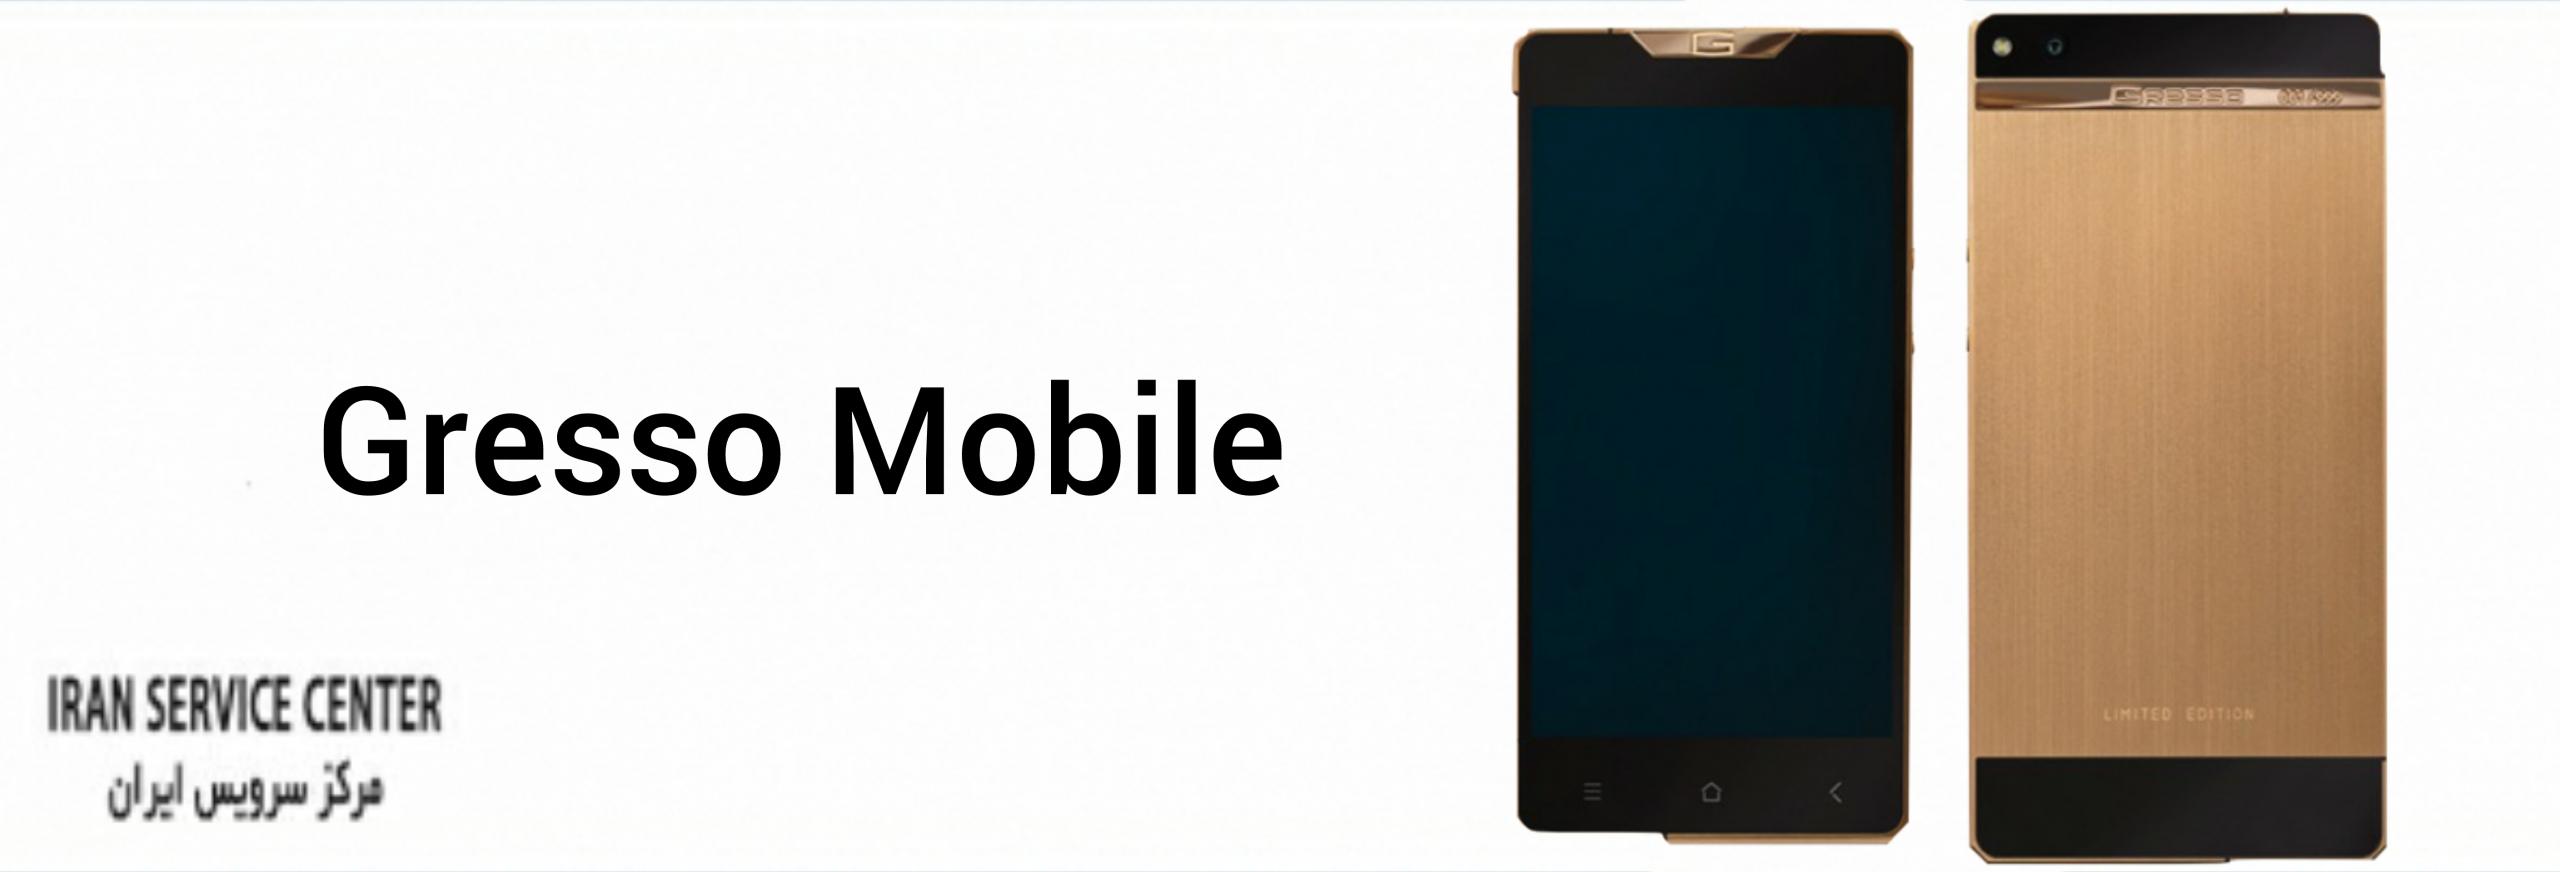 نمایندگی تعمیرات موبایل گرسو(Gresso)